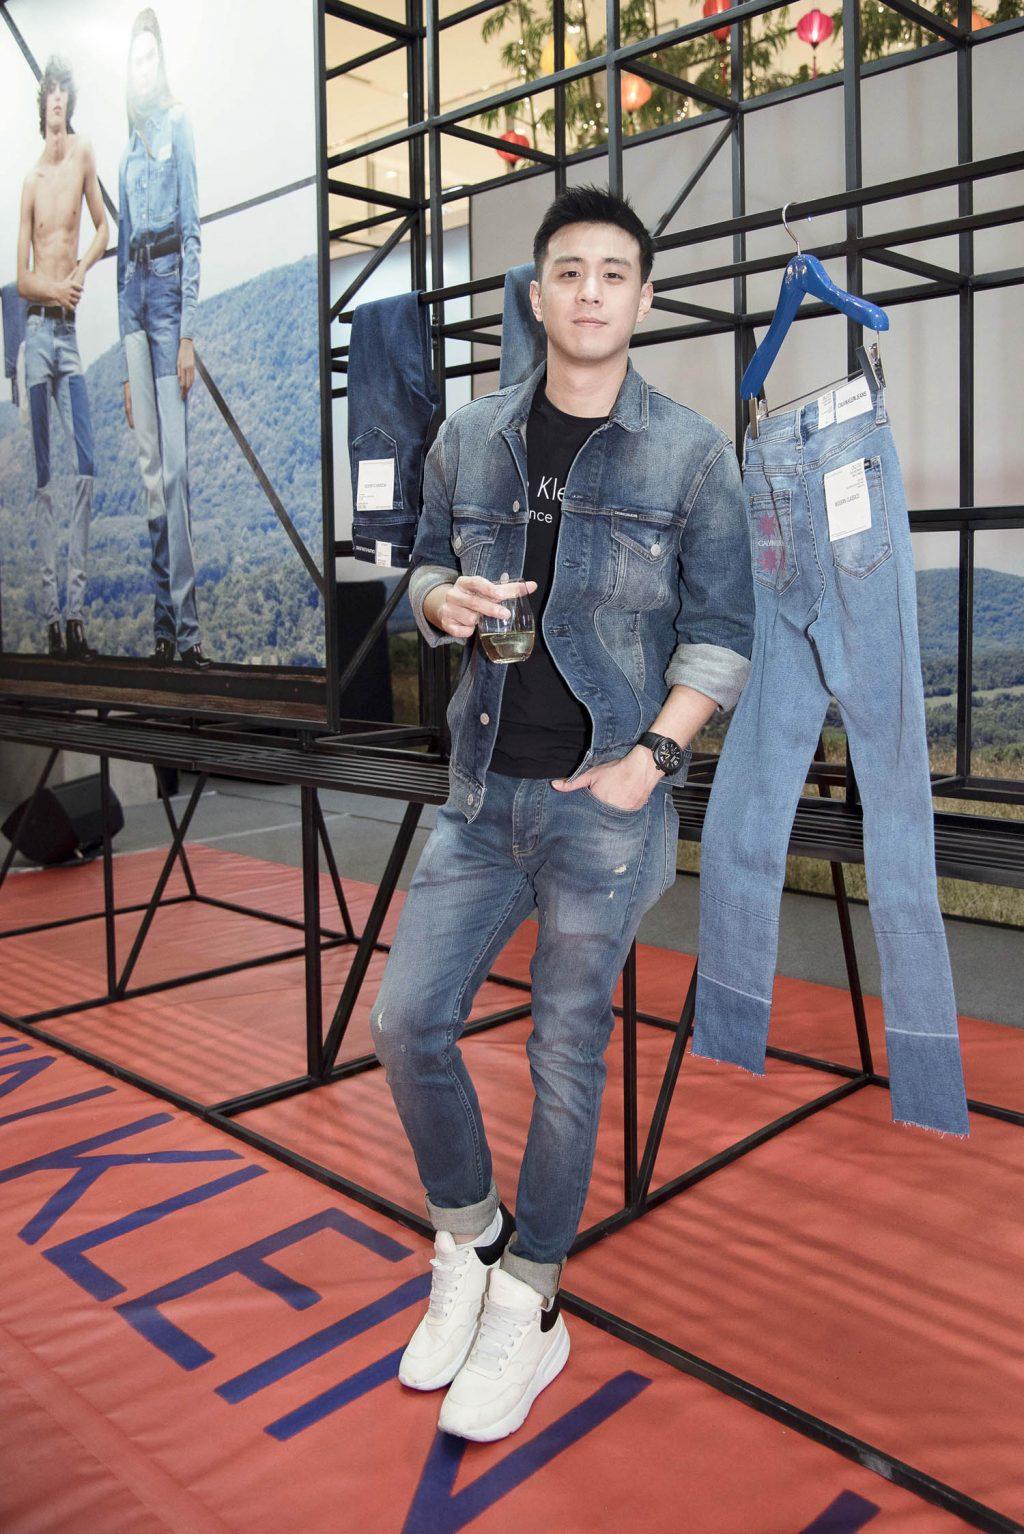 calvin klein jeans pop up store9